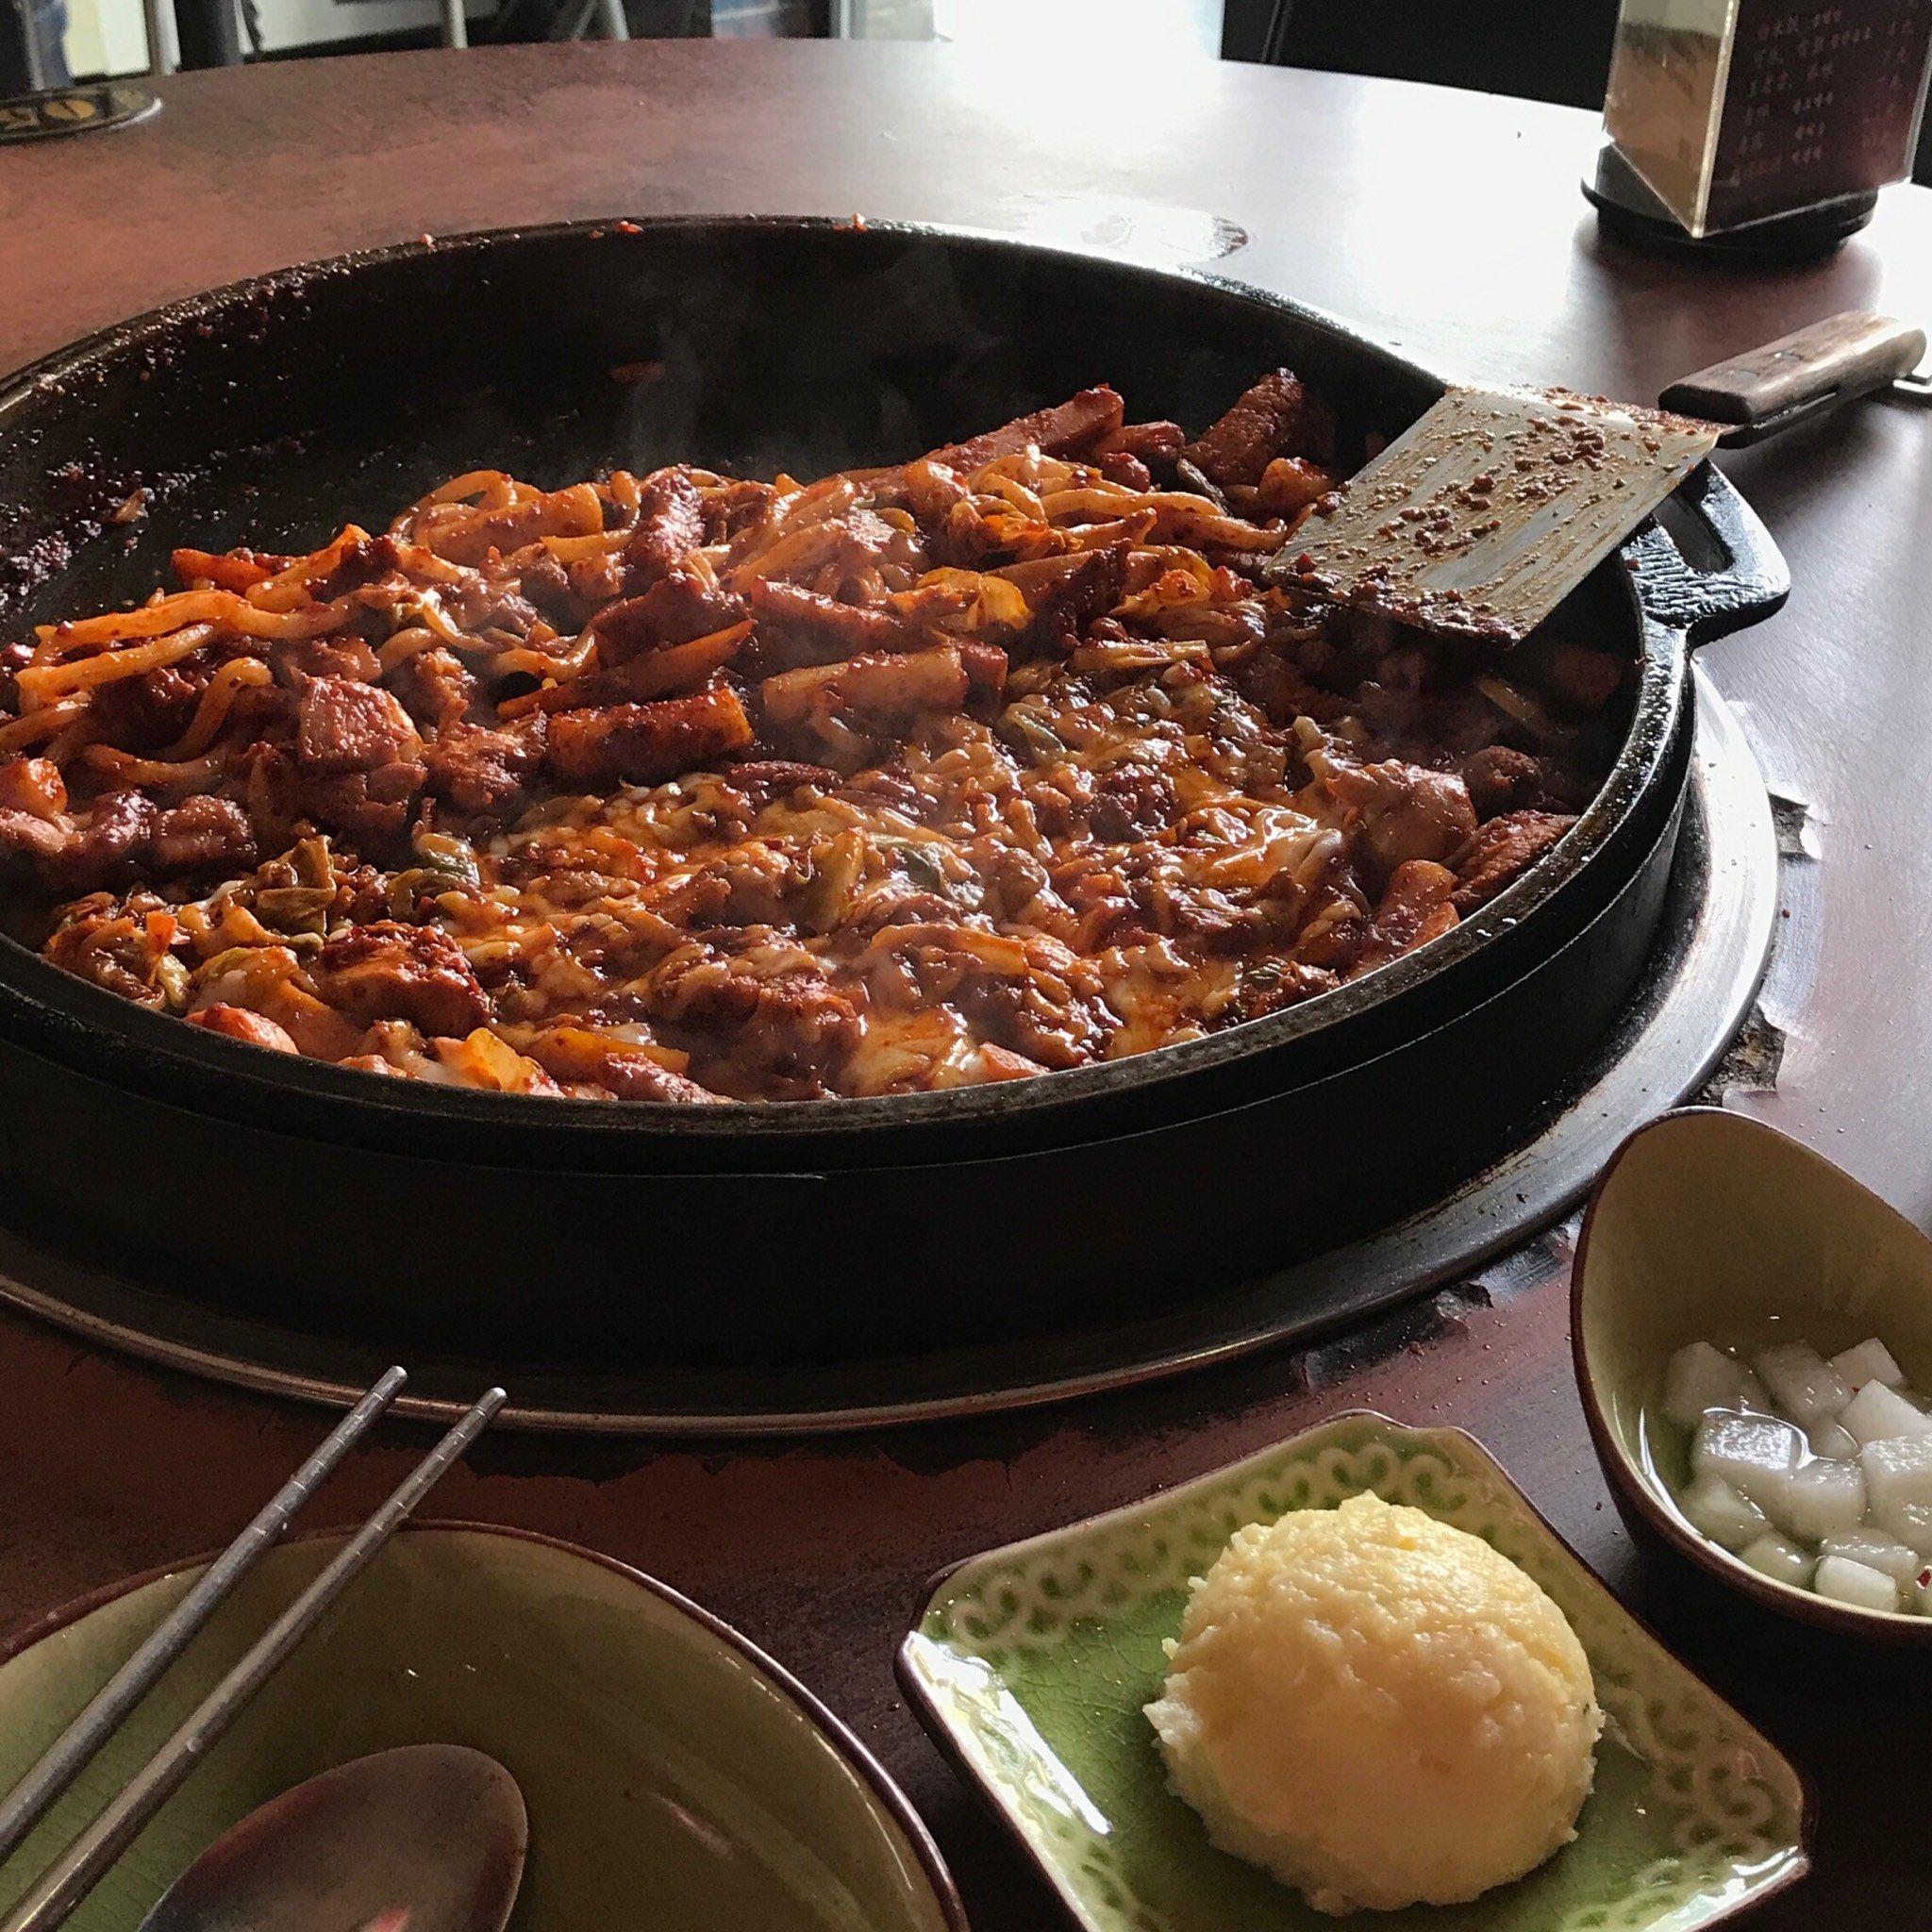 济南恒隆广场附近吃韩国料理的餐馆